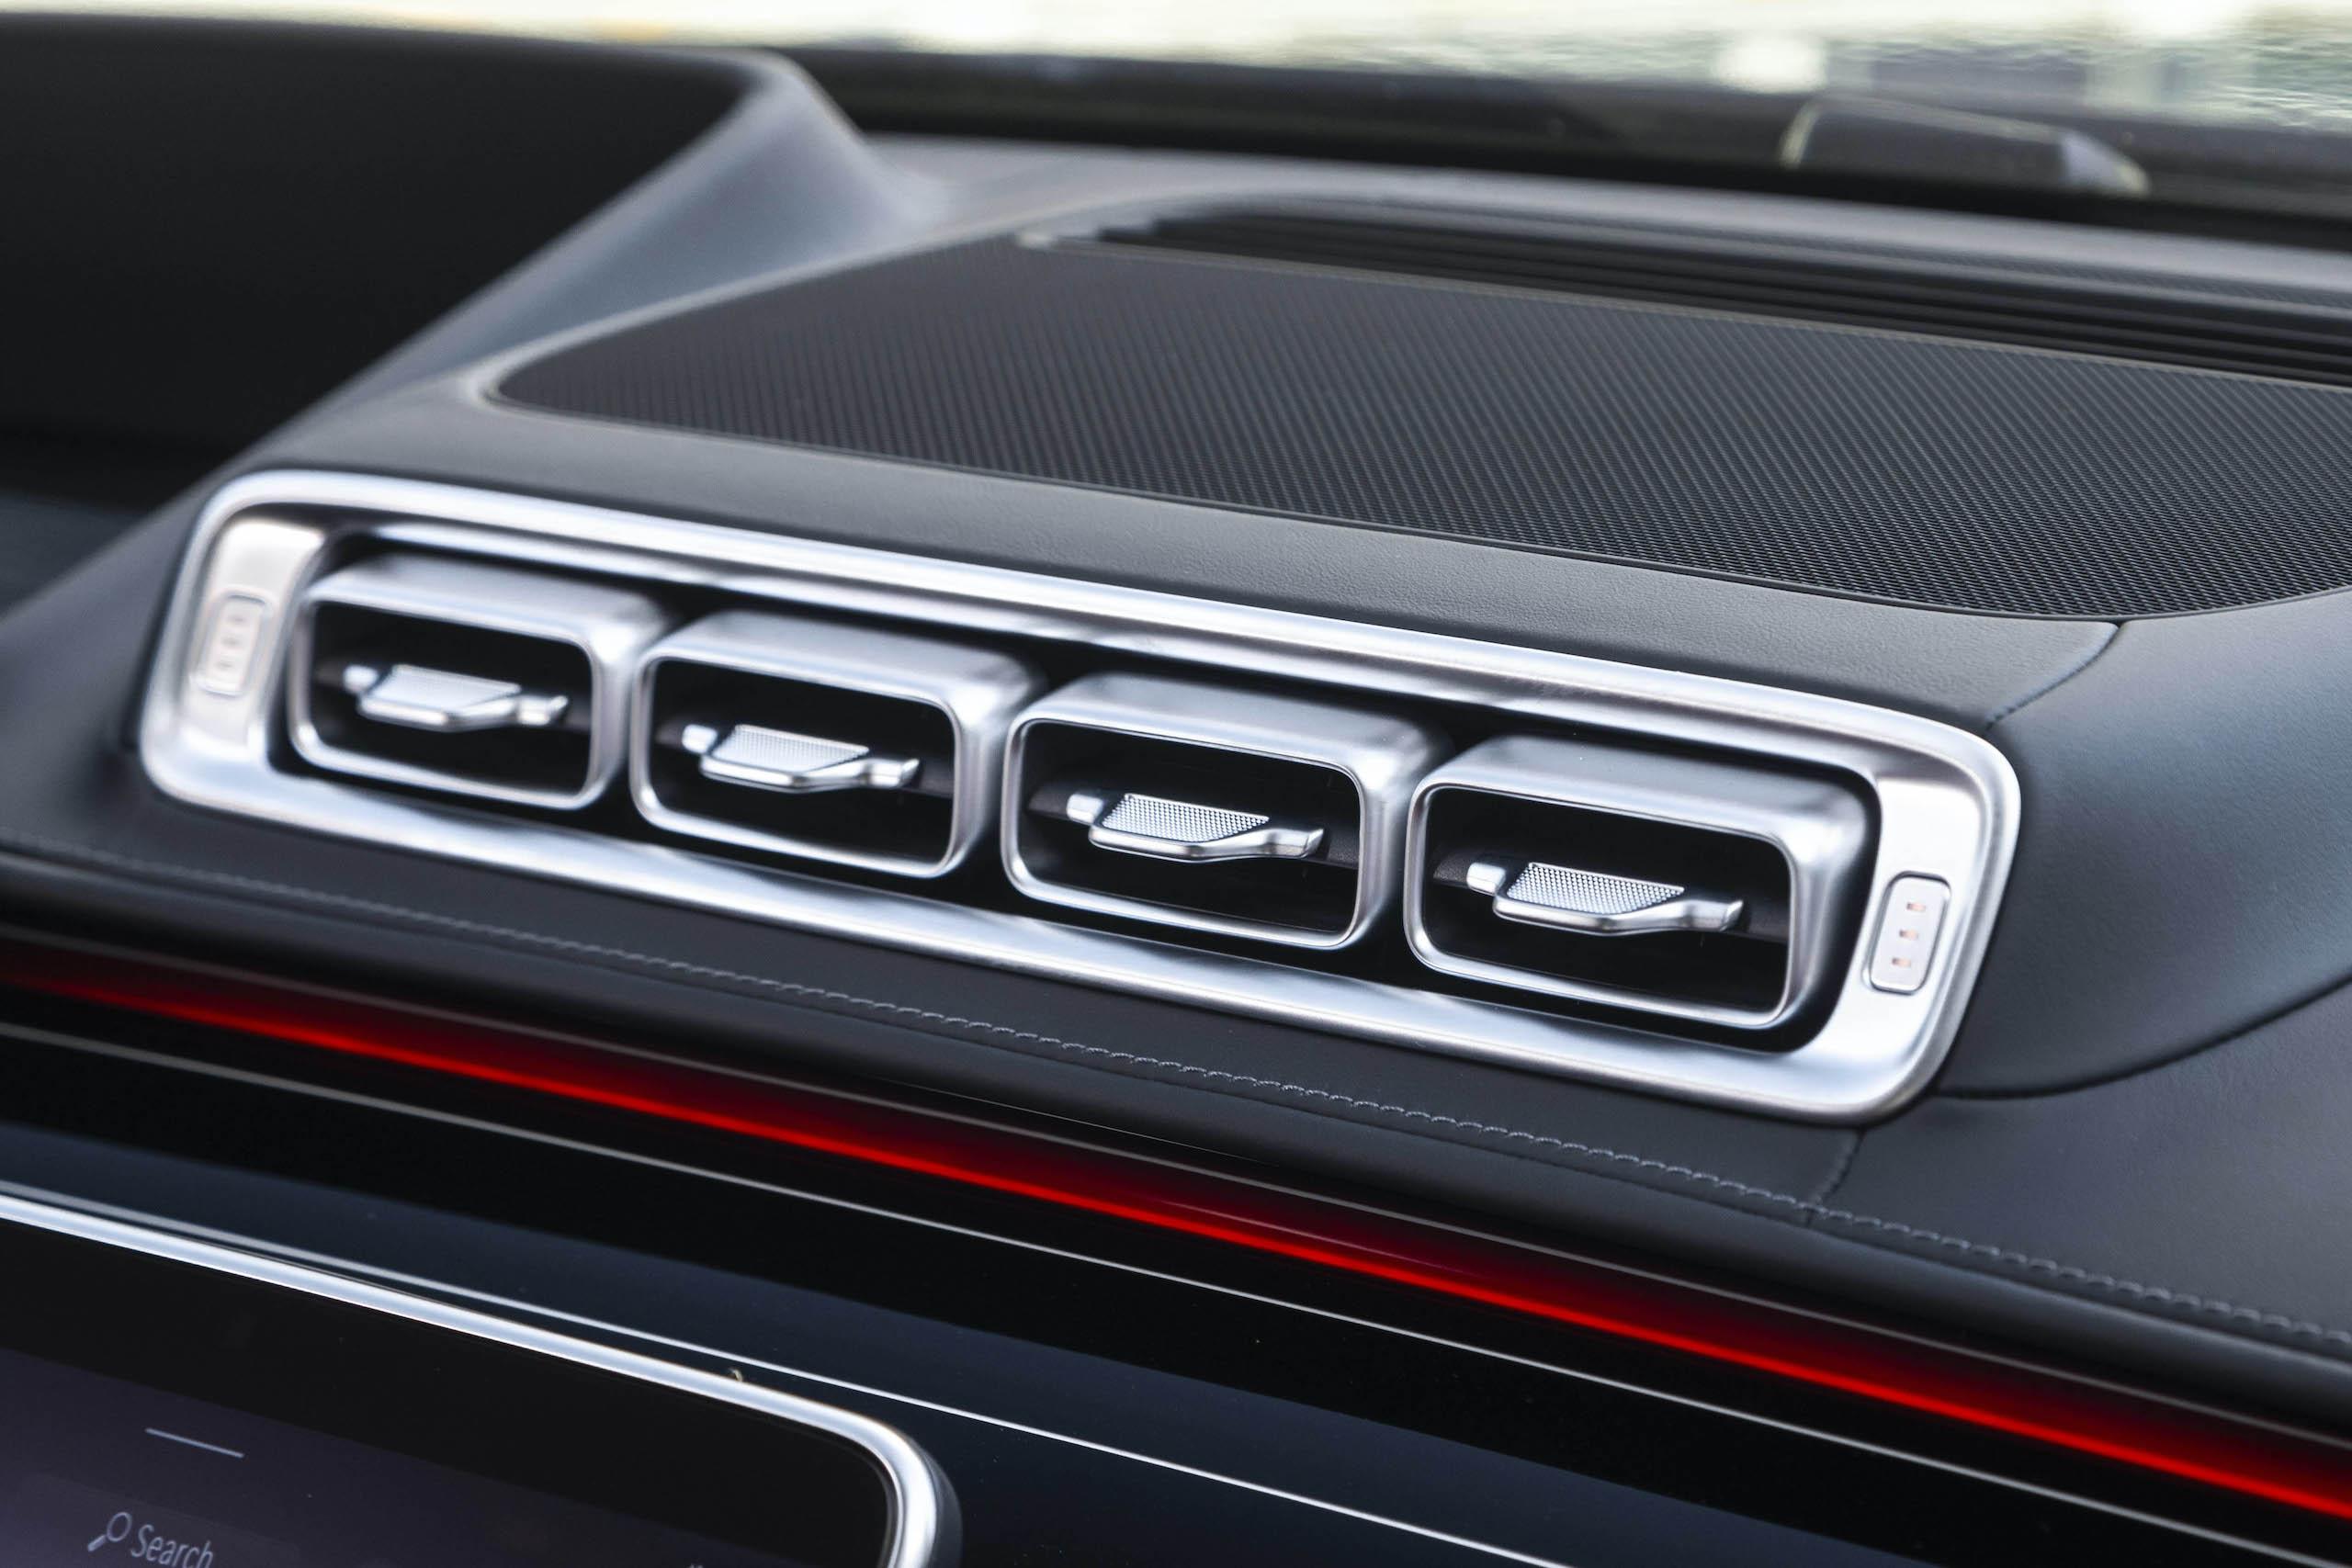 Mercedes Benz-S-Class interior dash vents